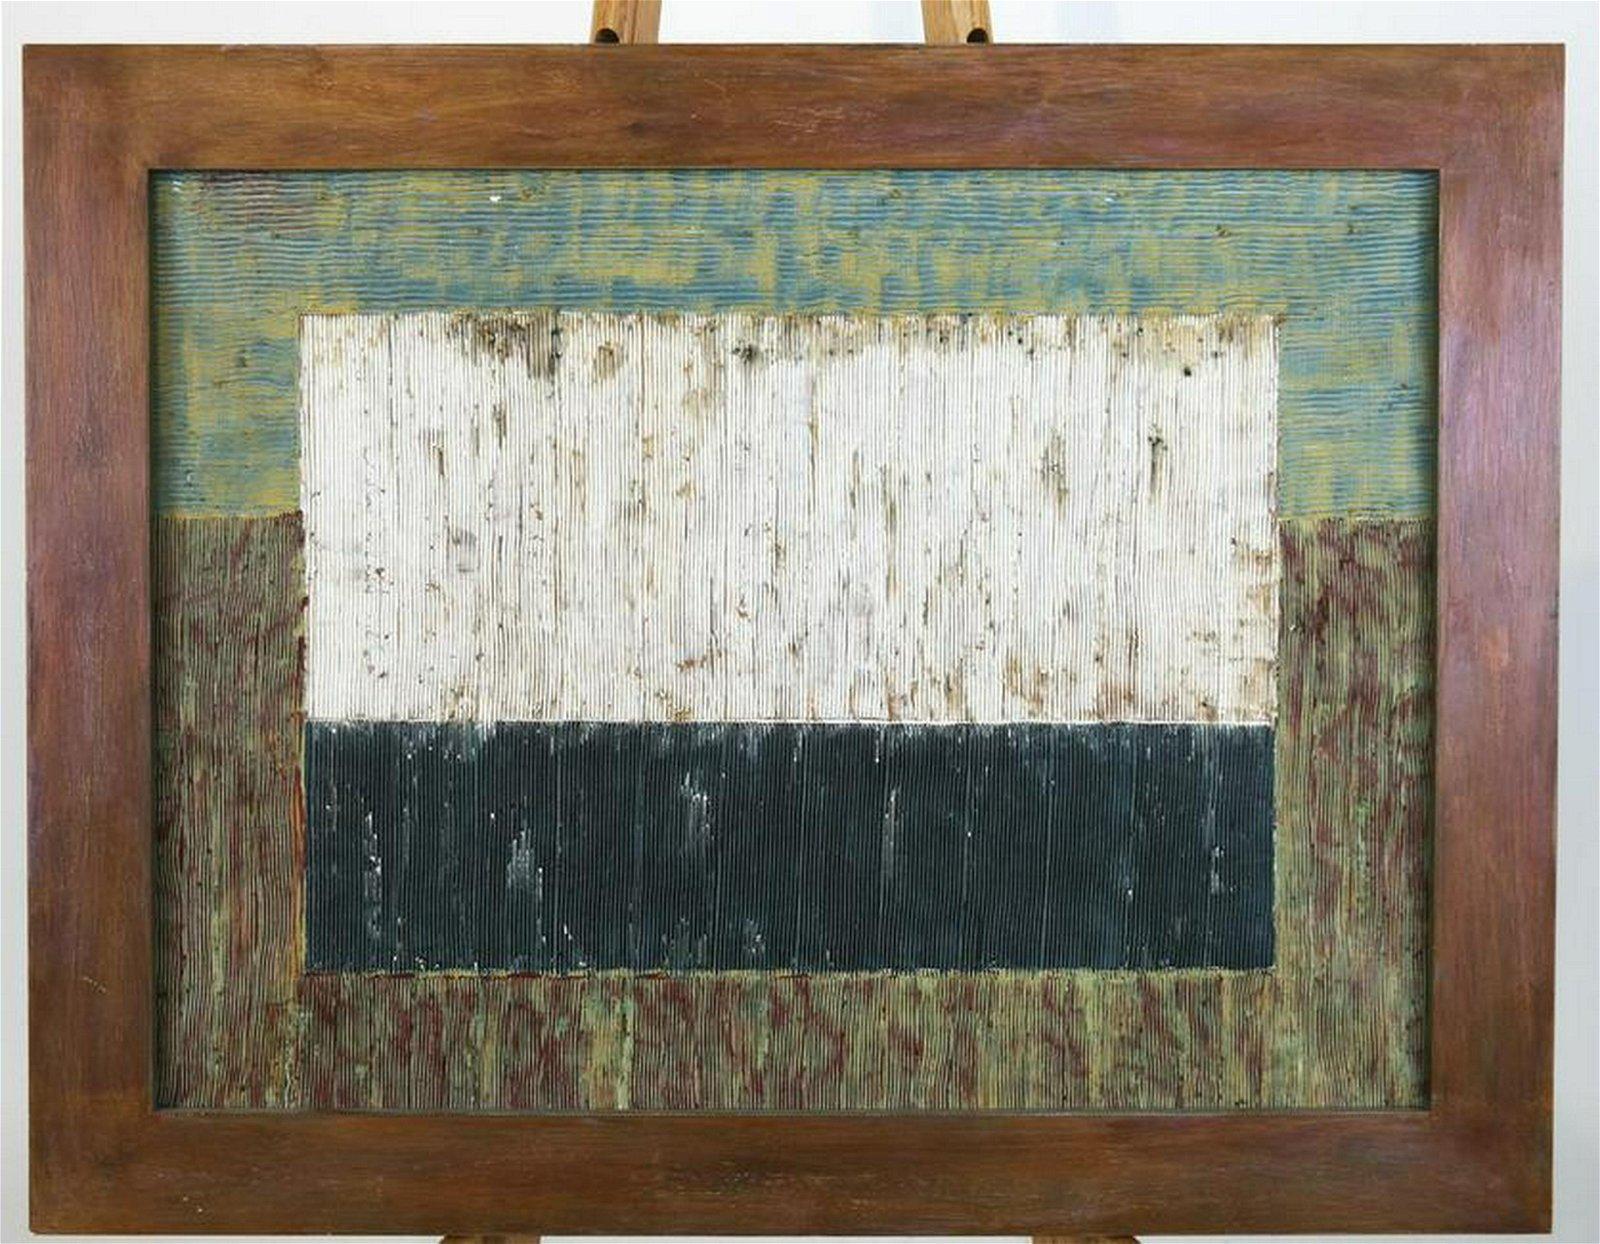 David GIBBS: Abstract, 1989 - Oil on Canvas